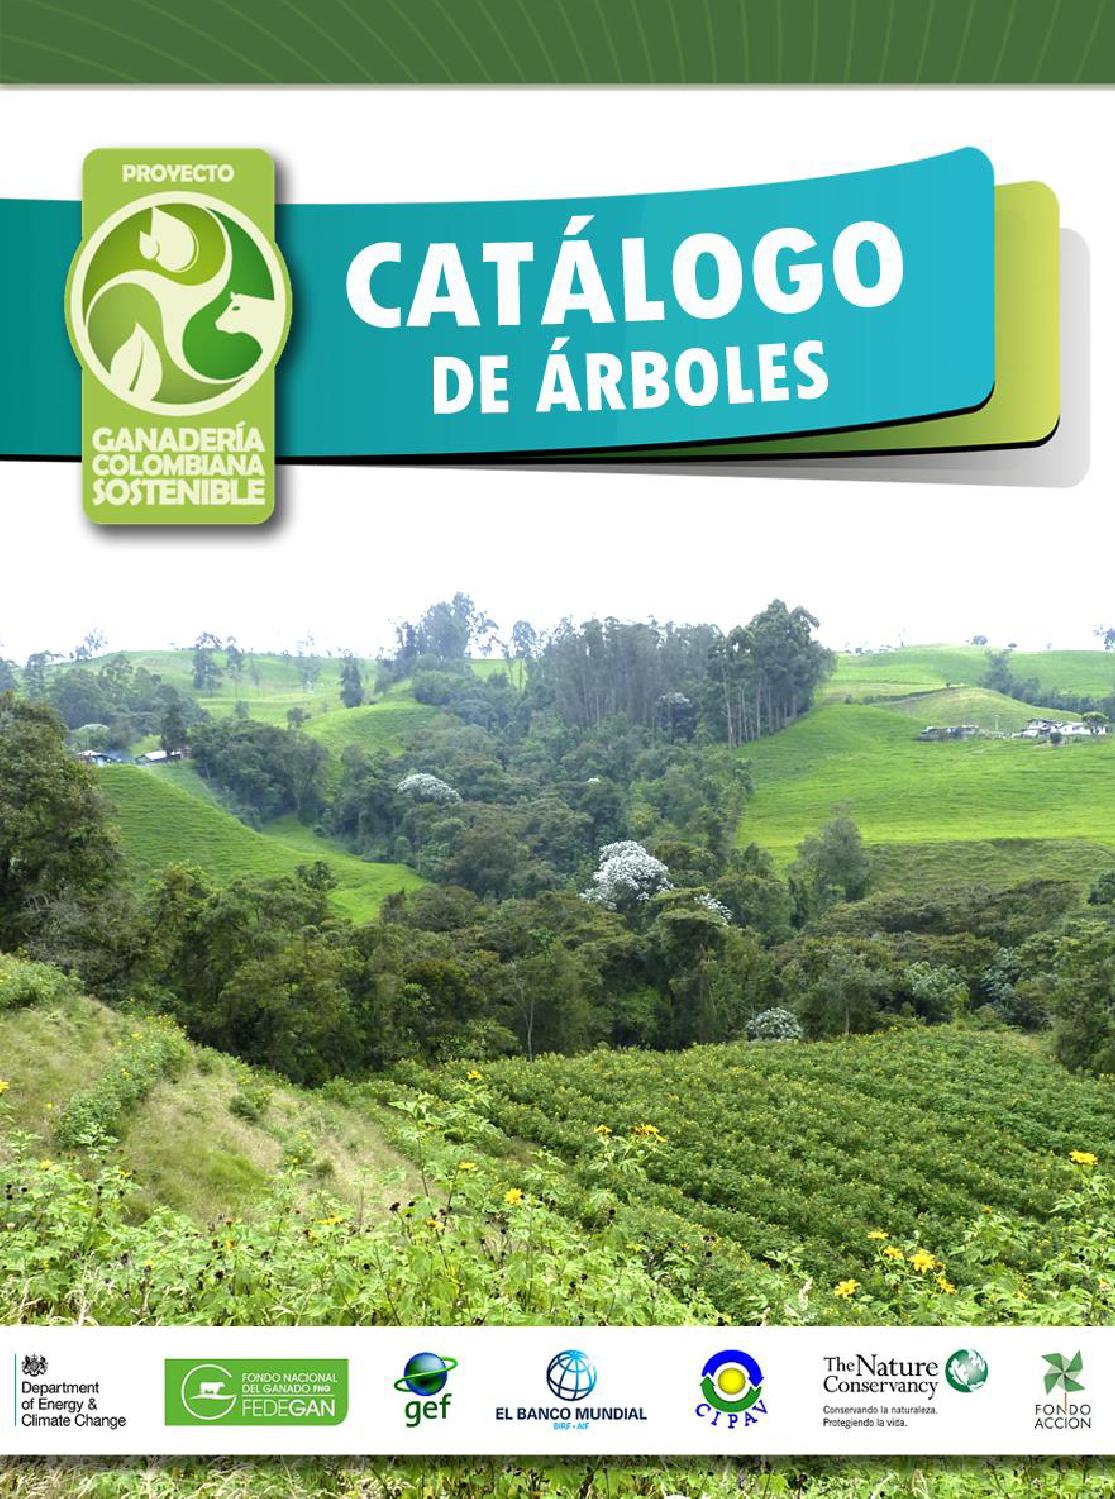 catalogo de arboles proyecto ganaderia colombiana